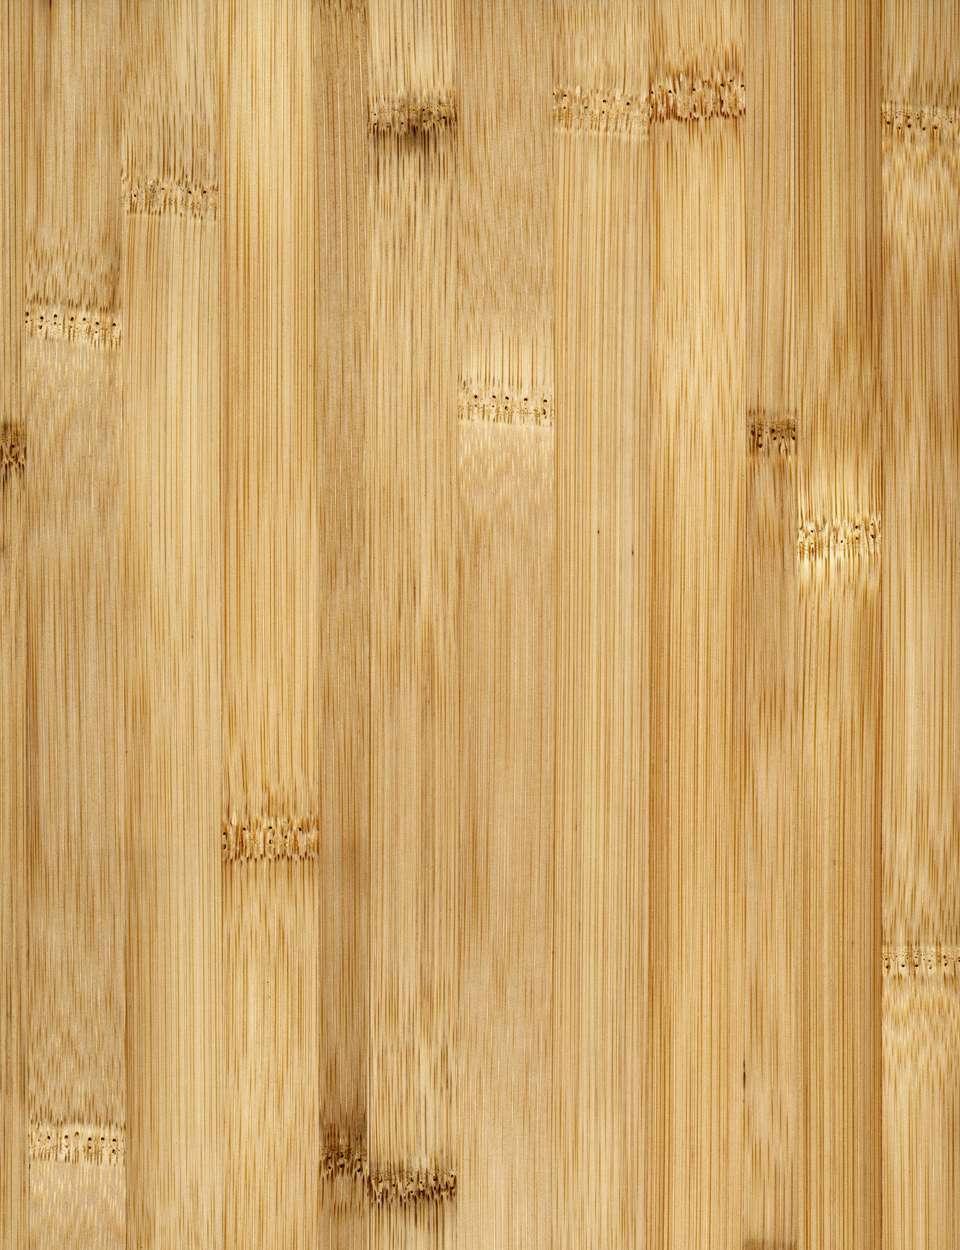 Piso de bambú, marco completo